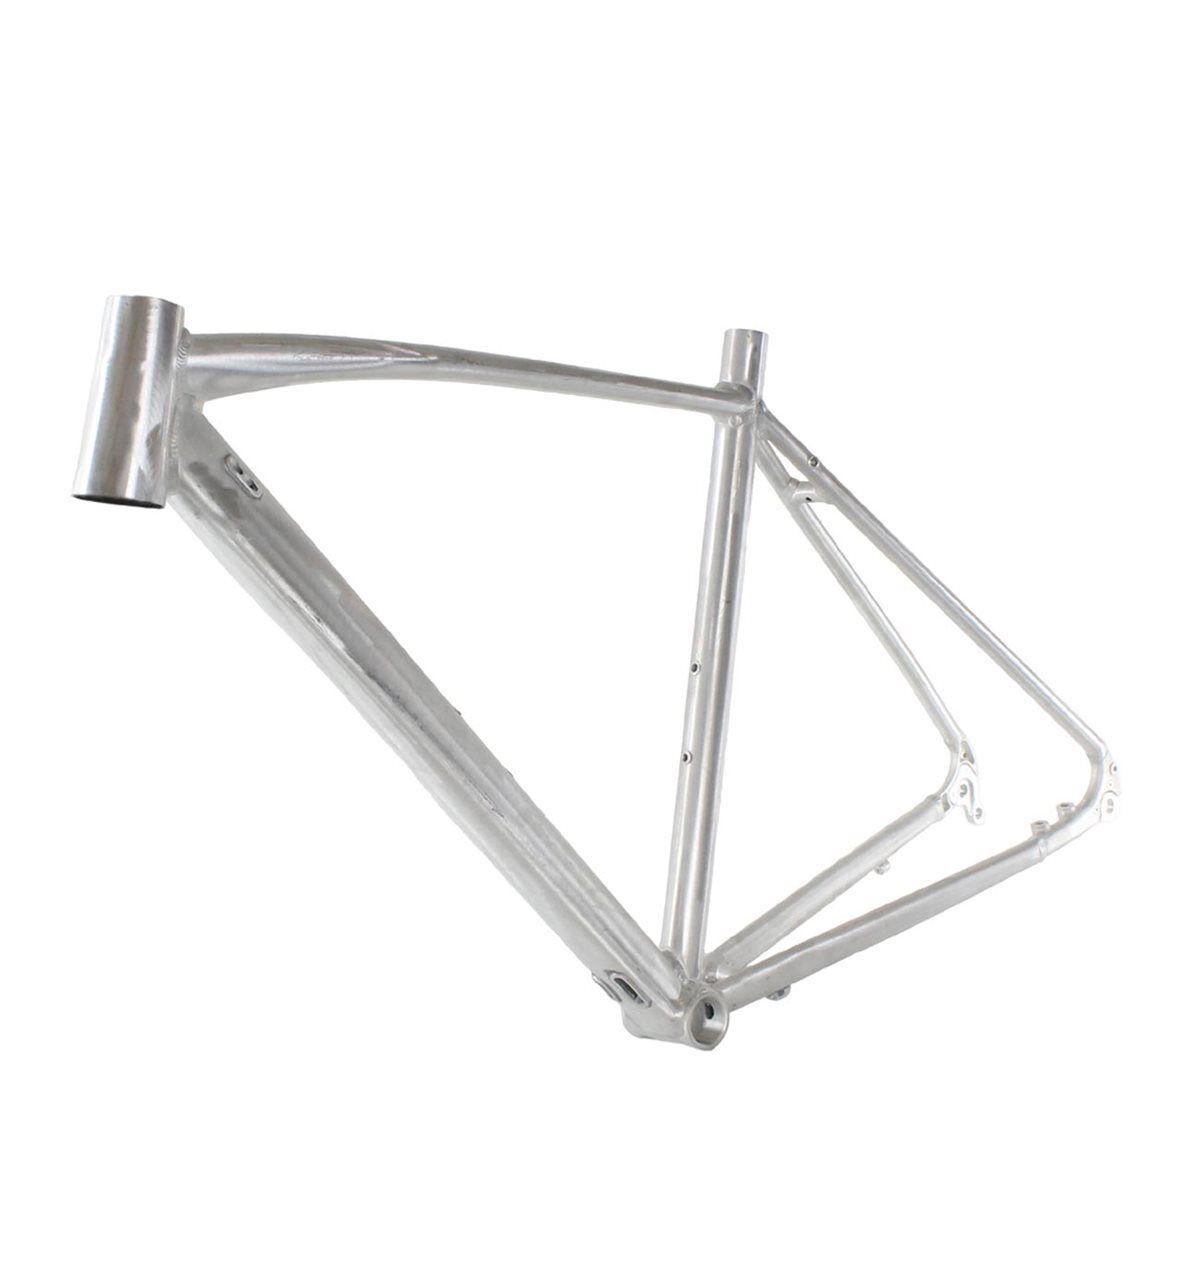 Telaio gravel alluminio bsa 68mm disco flat mount taglia 47  xs 0040106 RIDEWIL